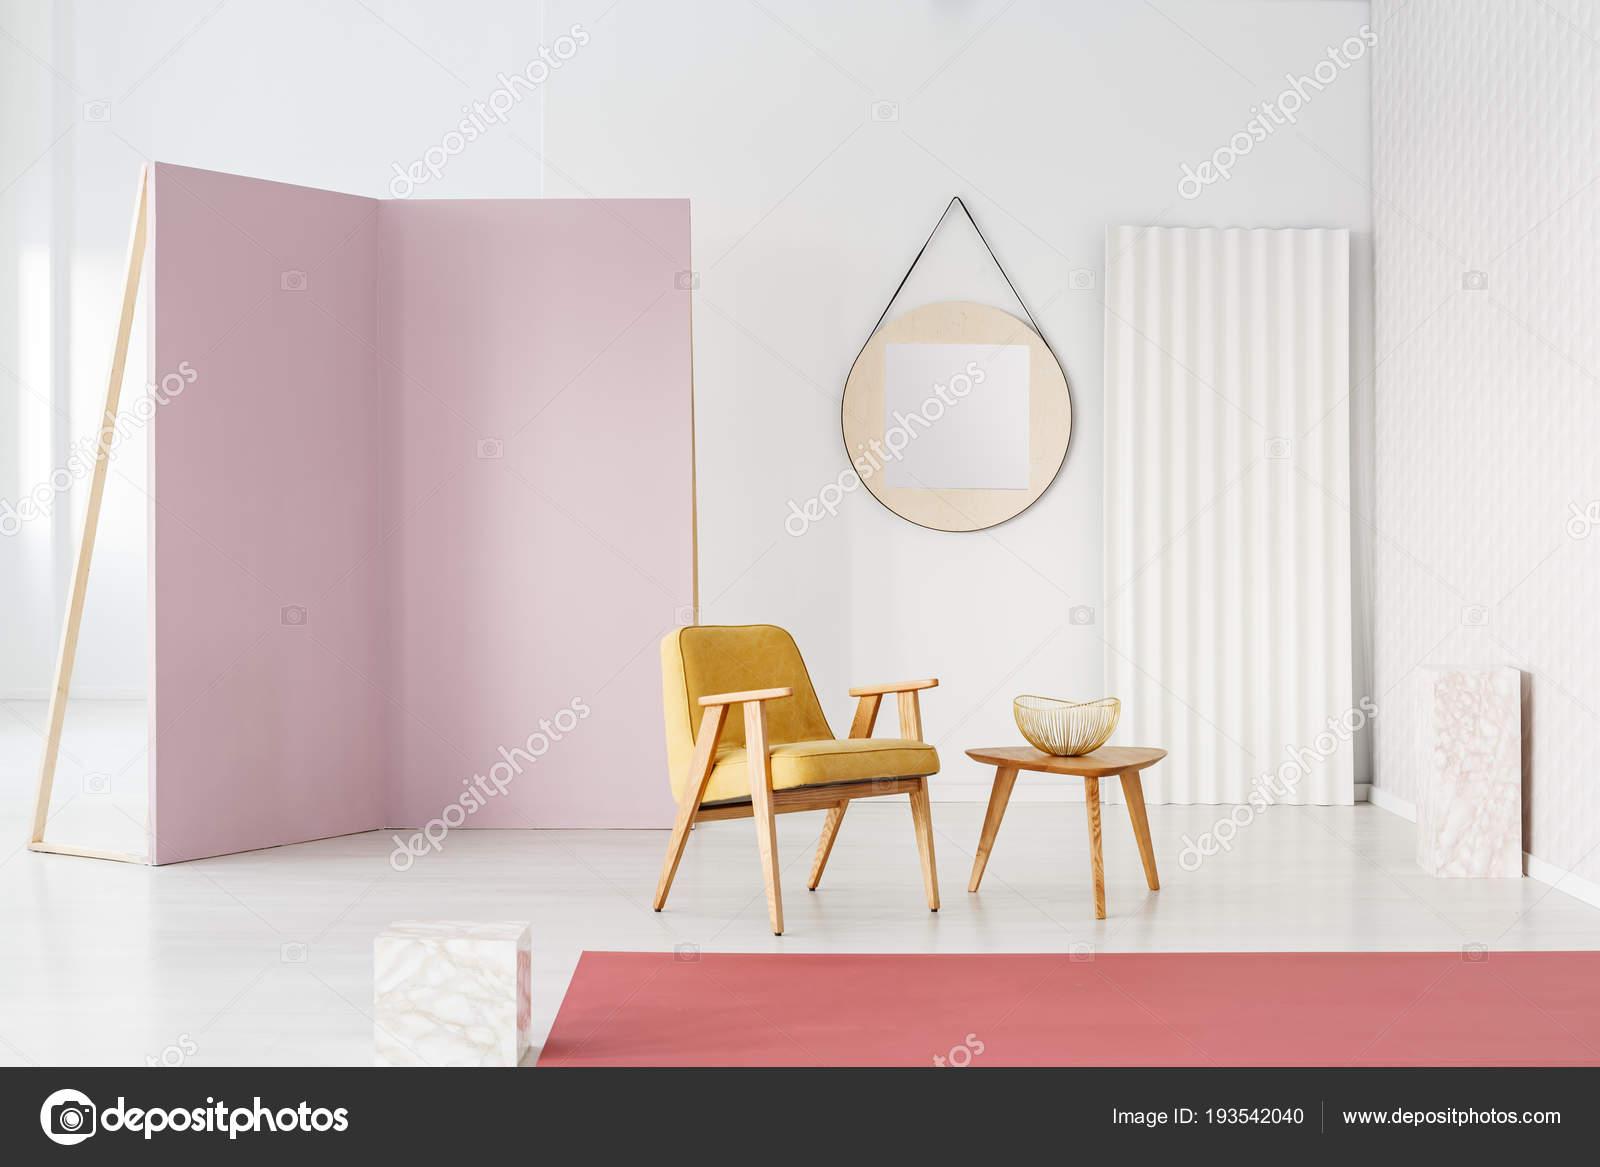 Kleurrijke Interieurs Pastel : Pastel foto studio interieur met gele leuningstoel roerende paarse